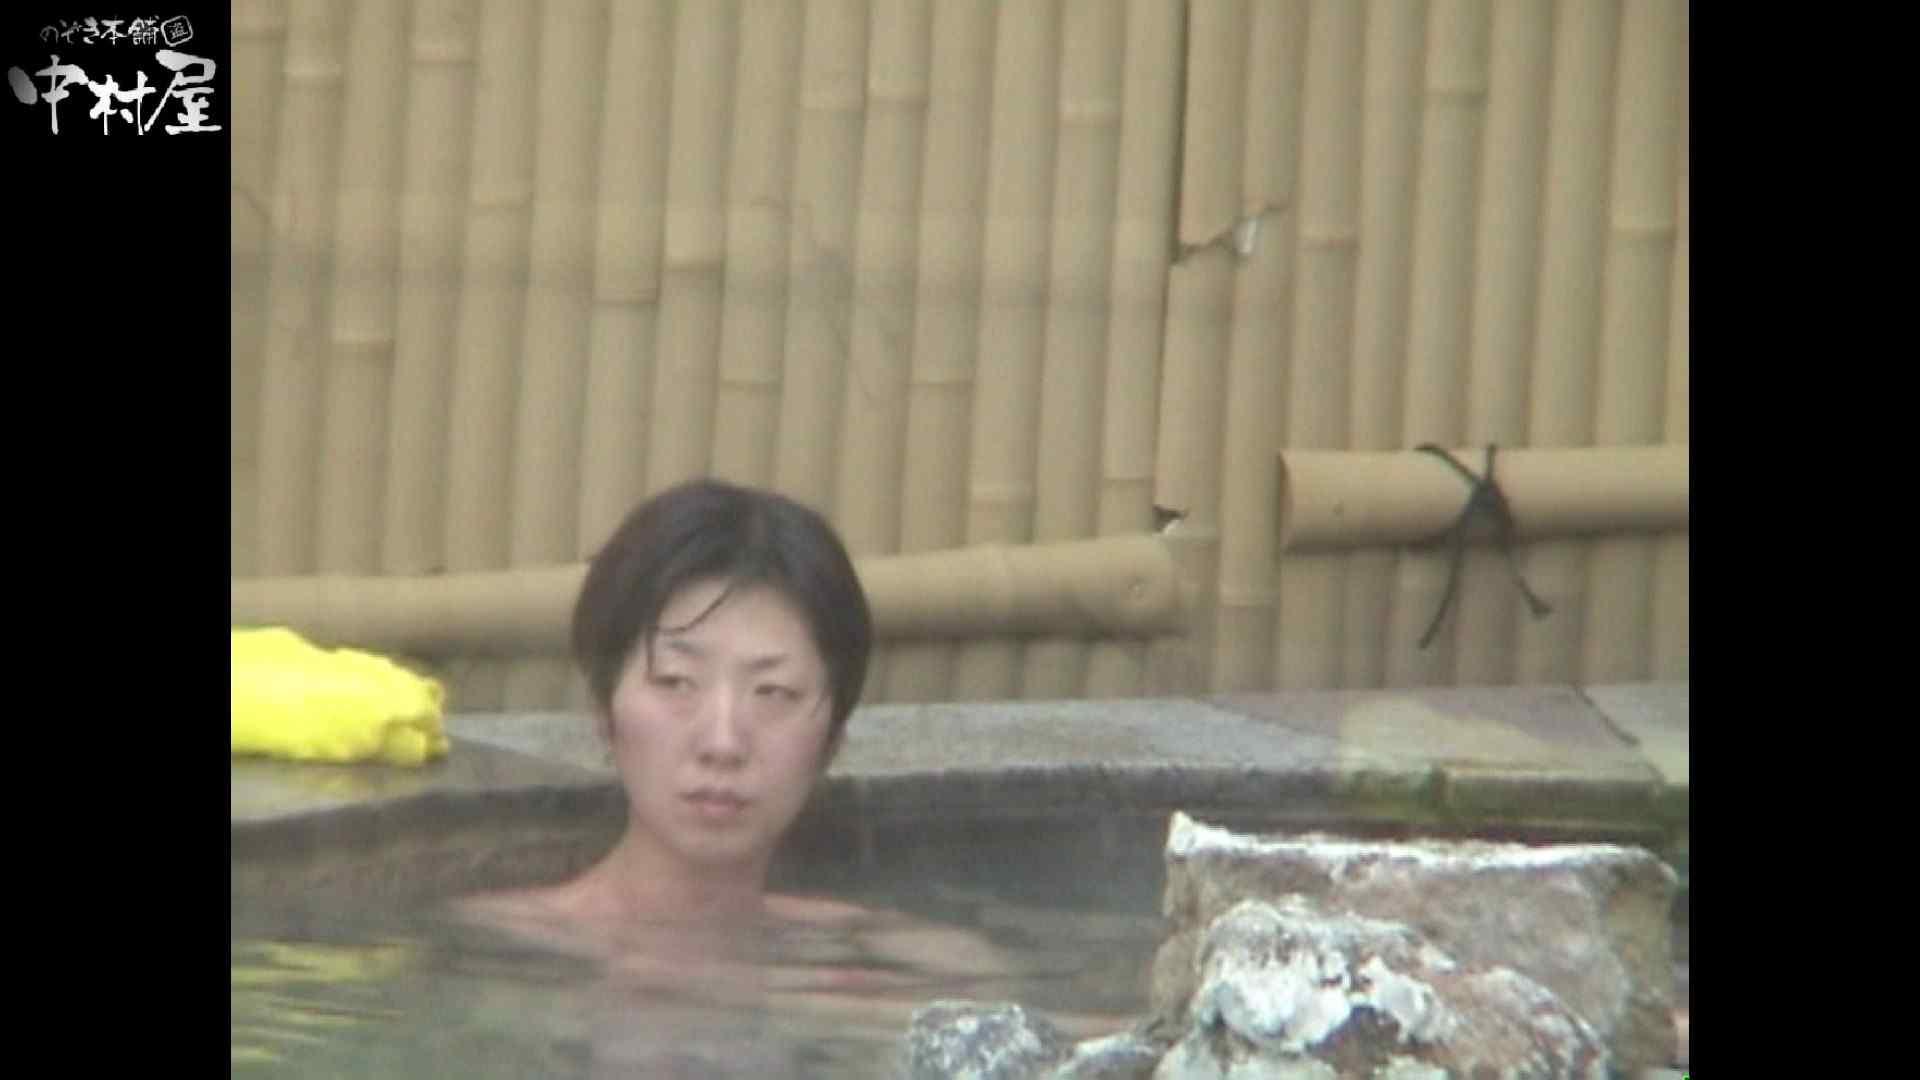 Aquaな露天風呂Vol.921 盗撮特集 | 露天  93画像 39